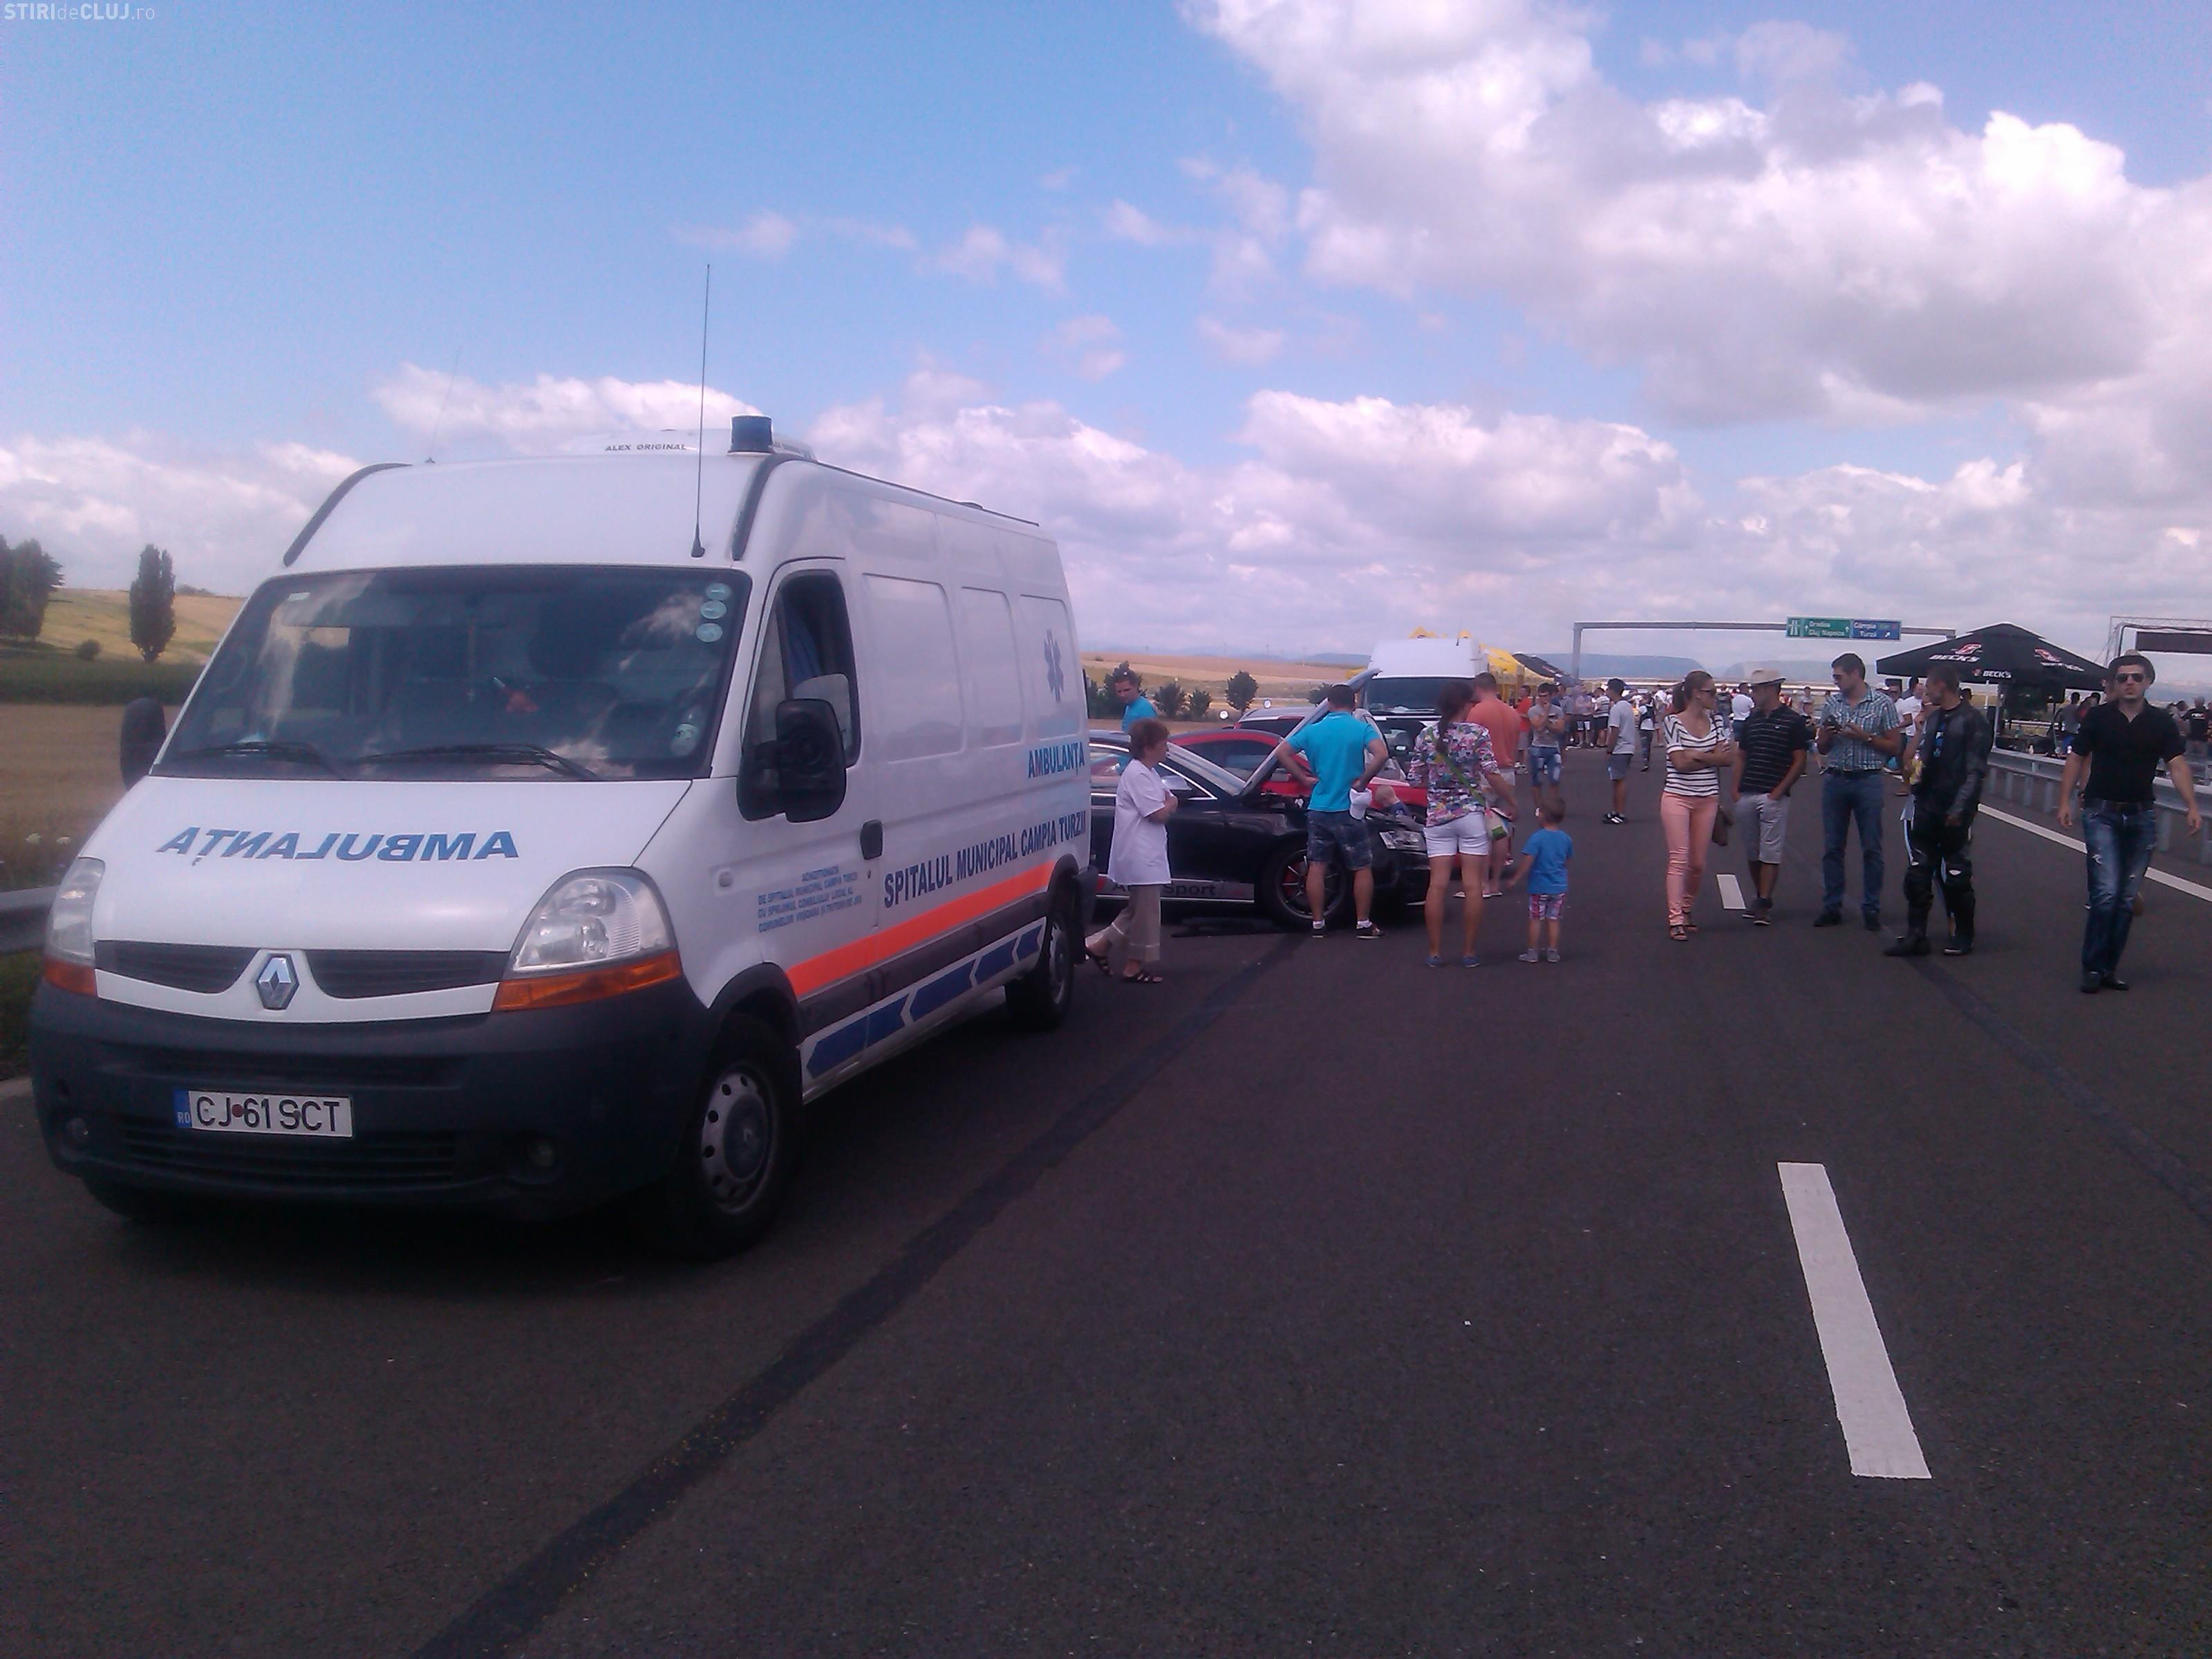 Motociclist rănit la cursele de mașini de pe Autostrada Transilvania - FOTO